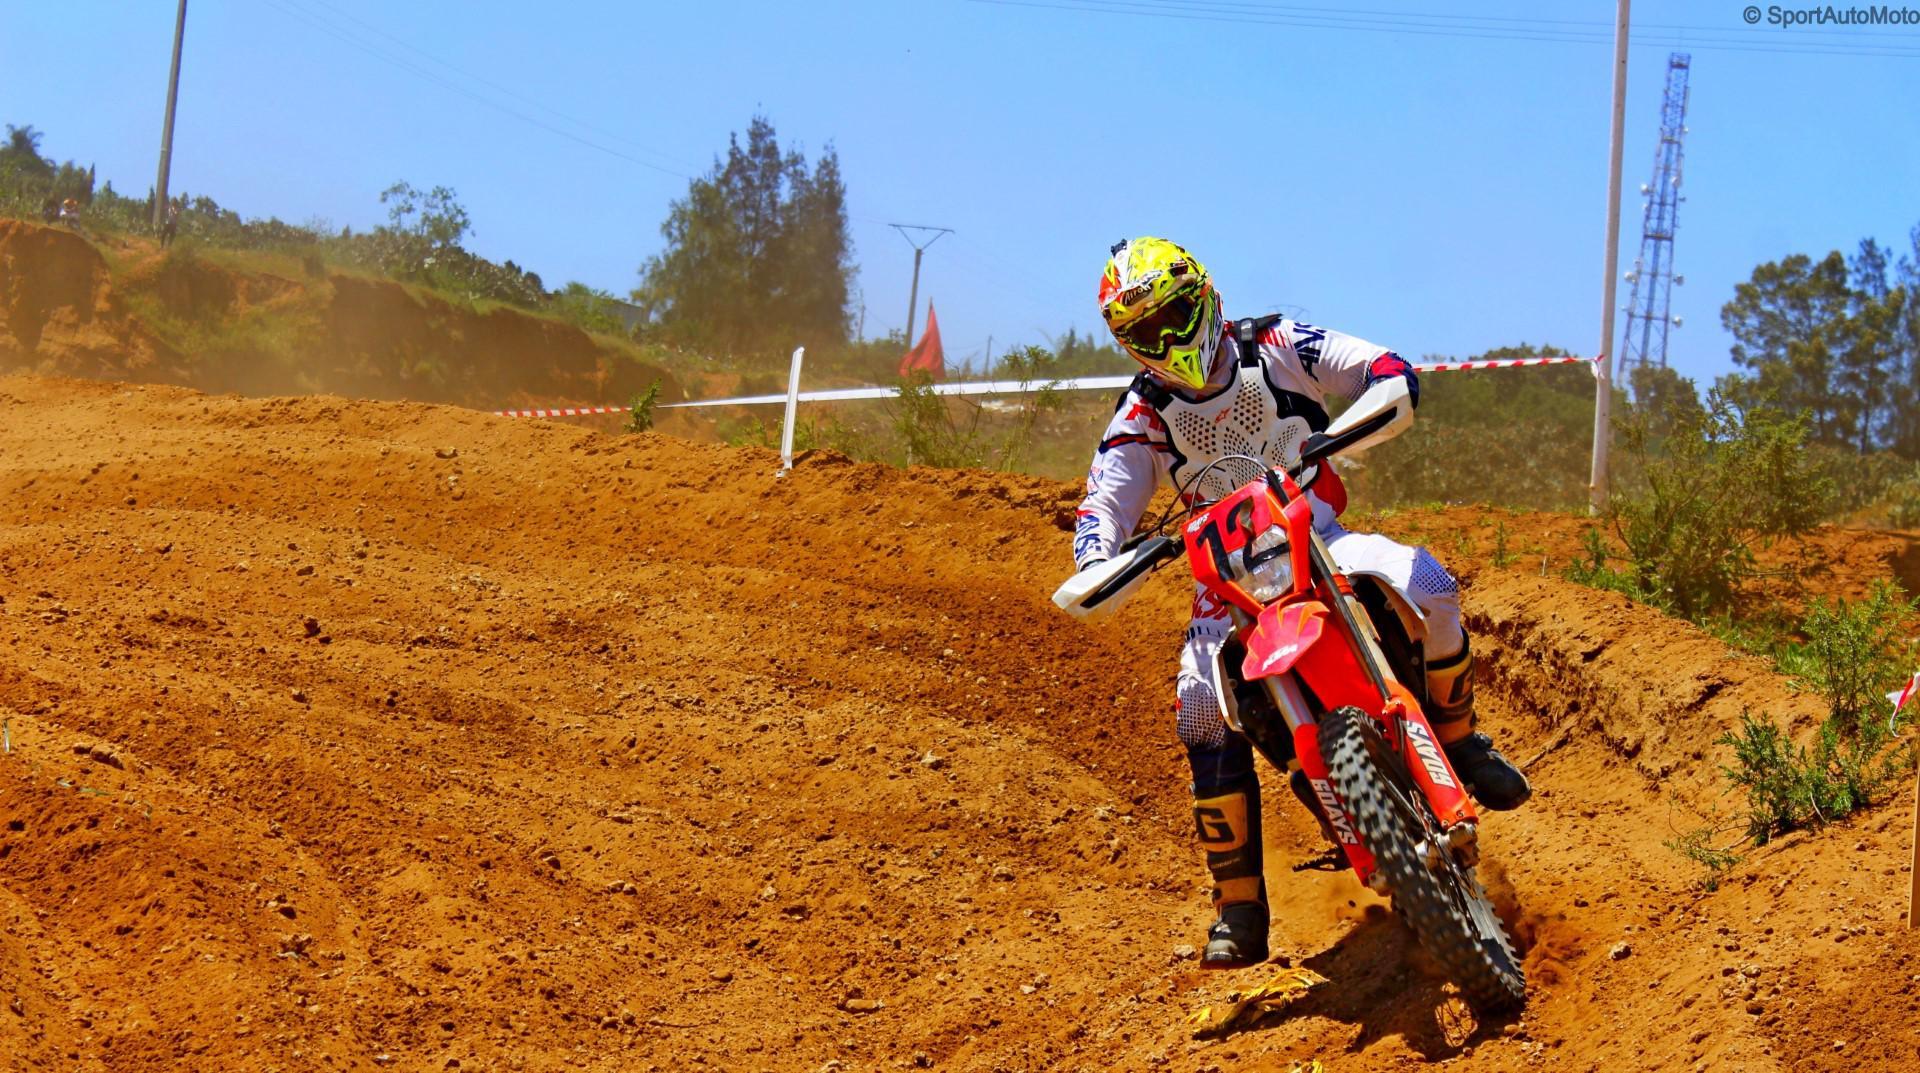 championnat-du-maroc-de-motocross-kenitra-774-30.jpg